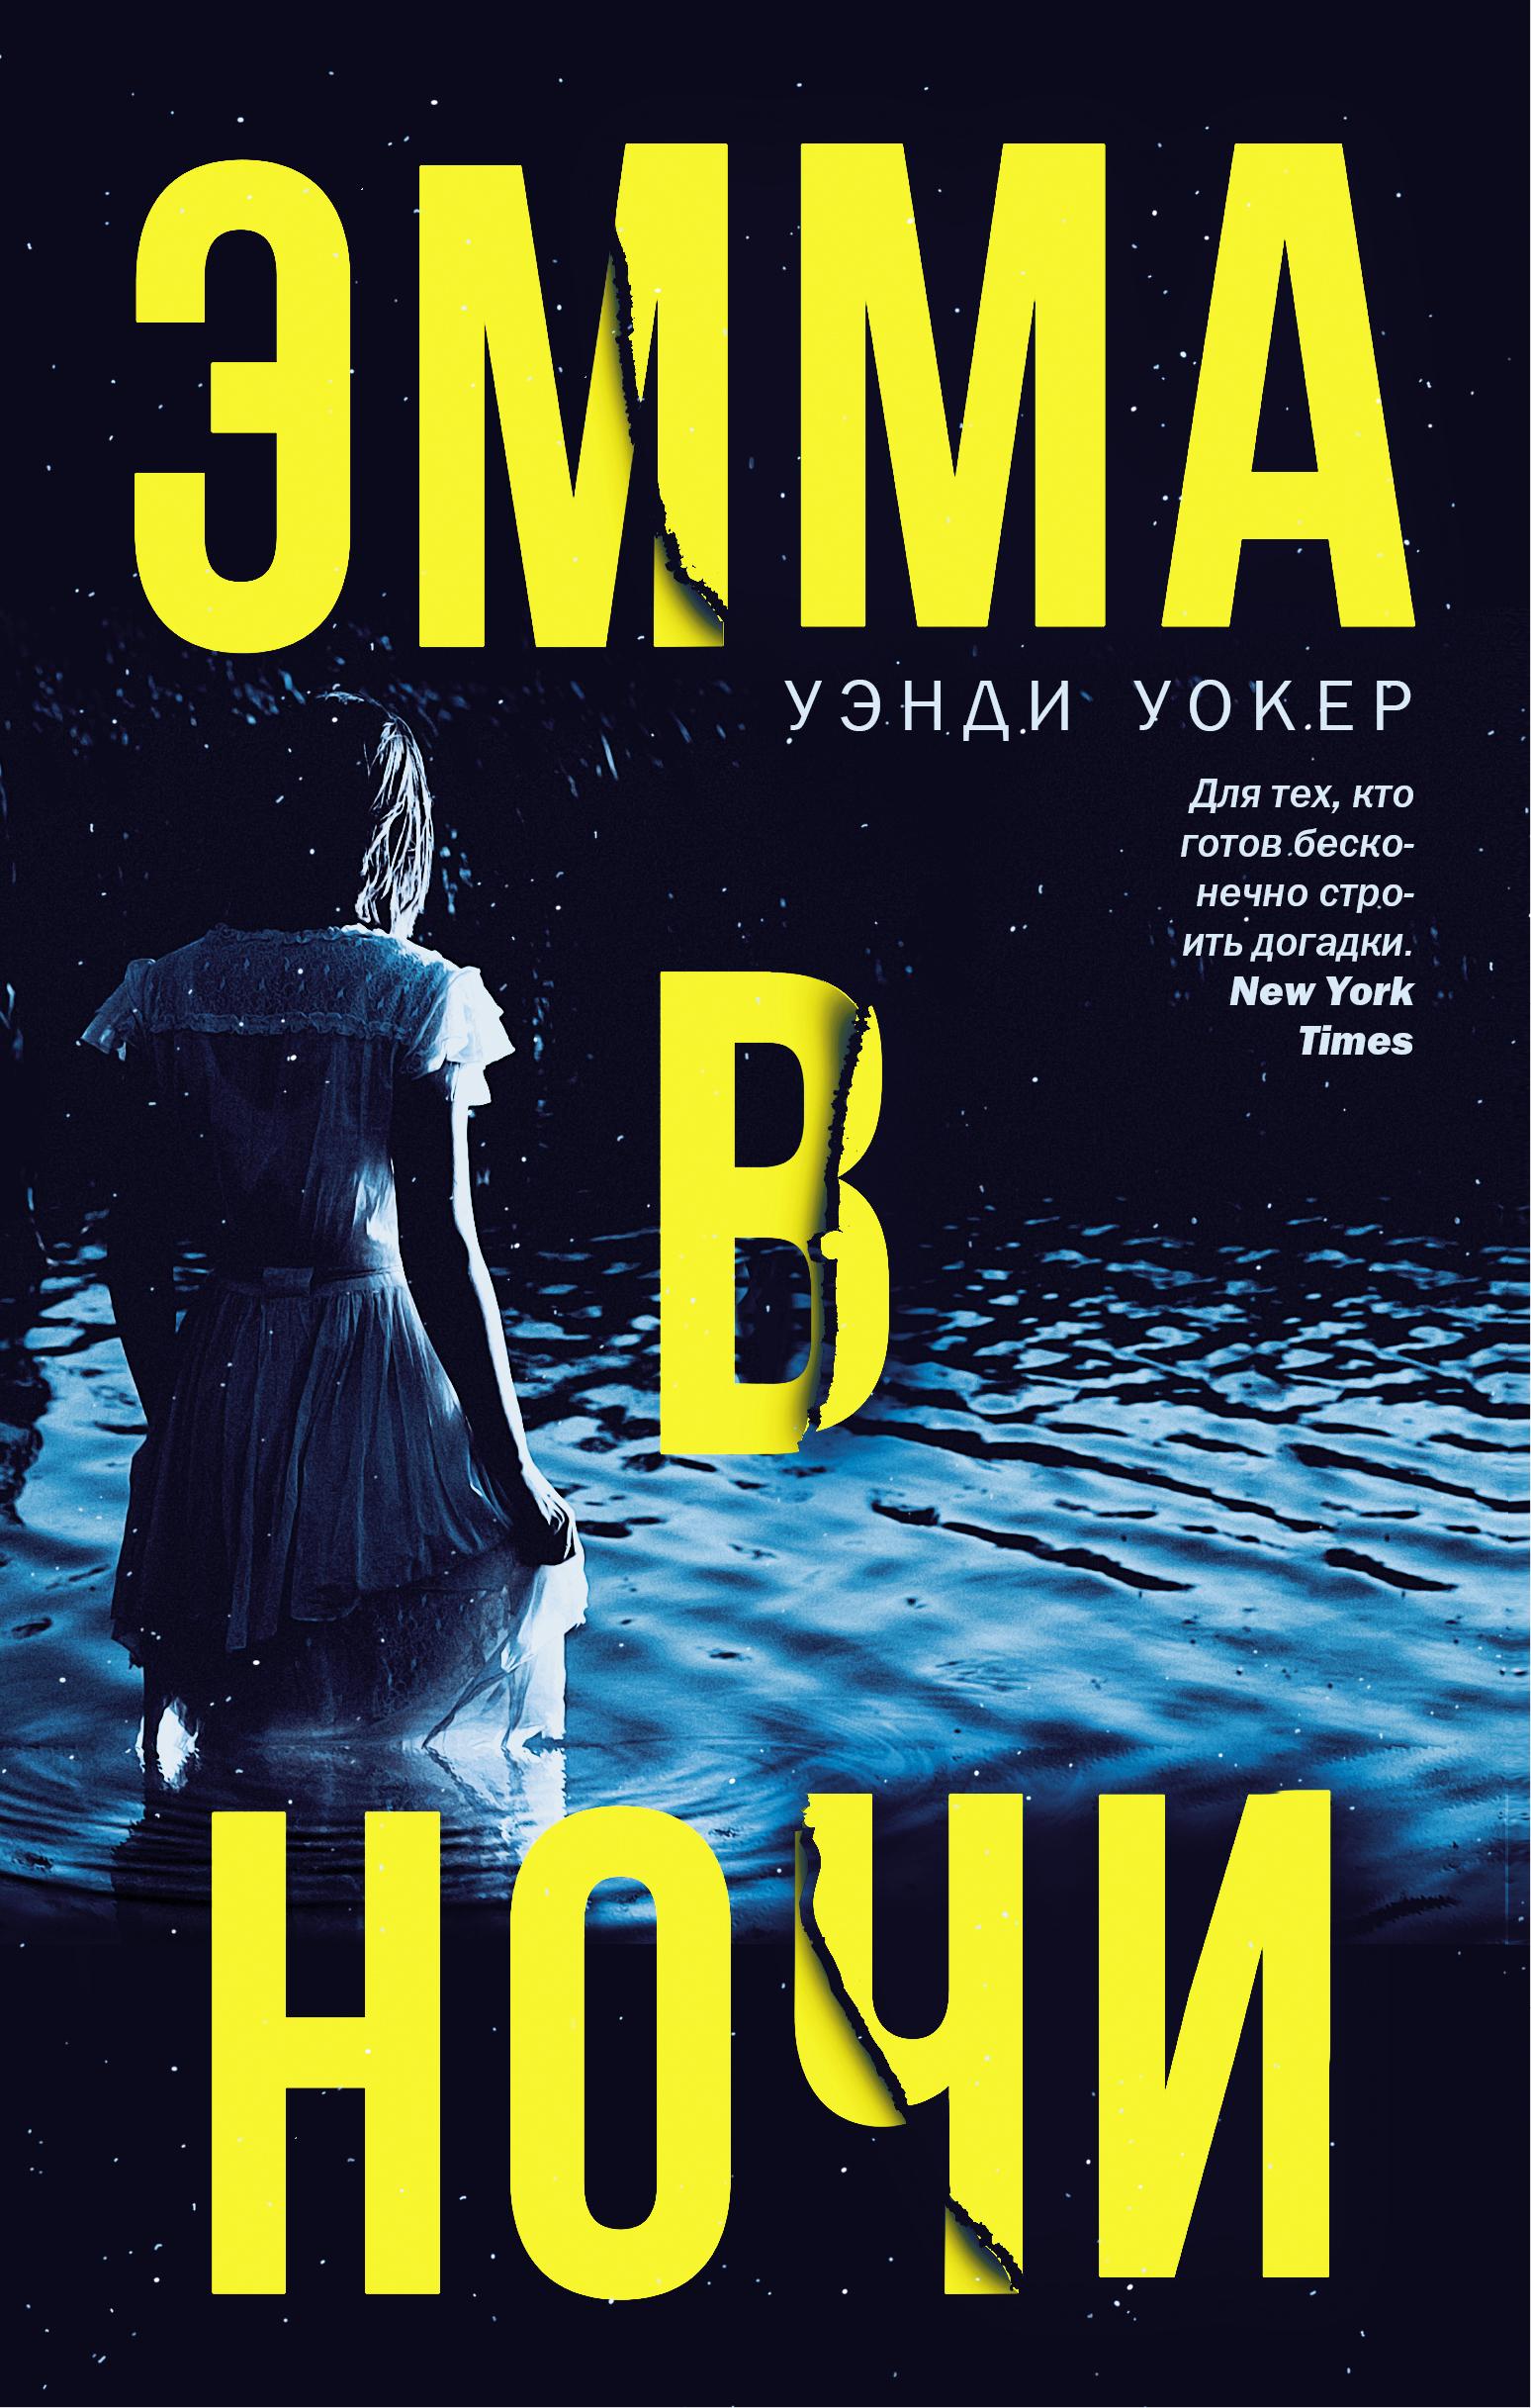 Emma v nochi